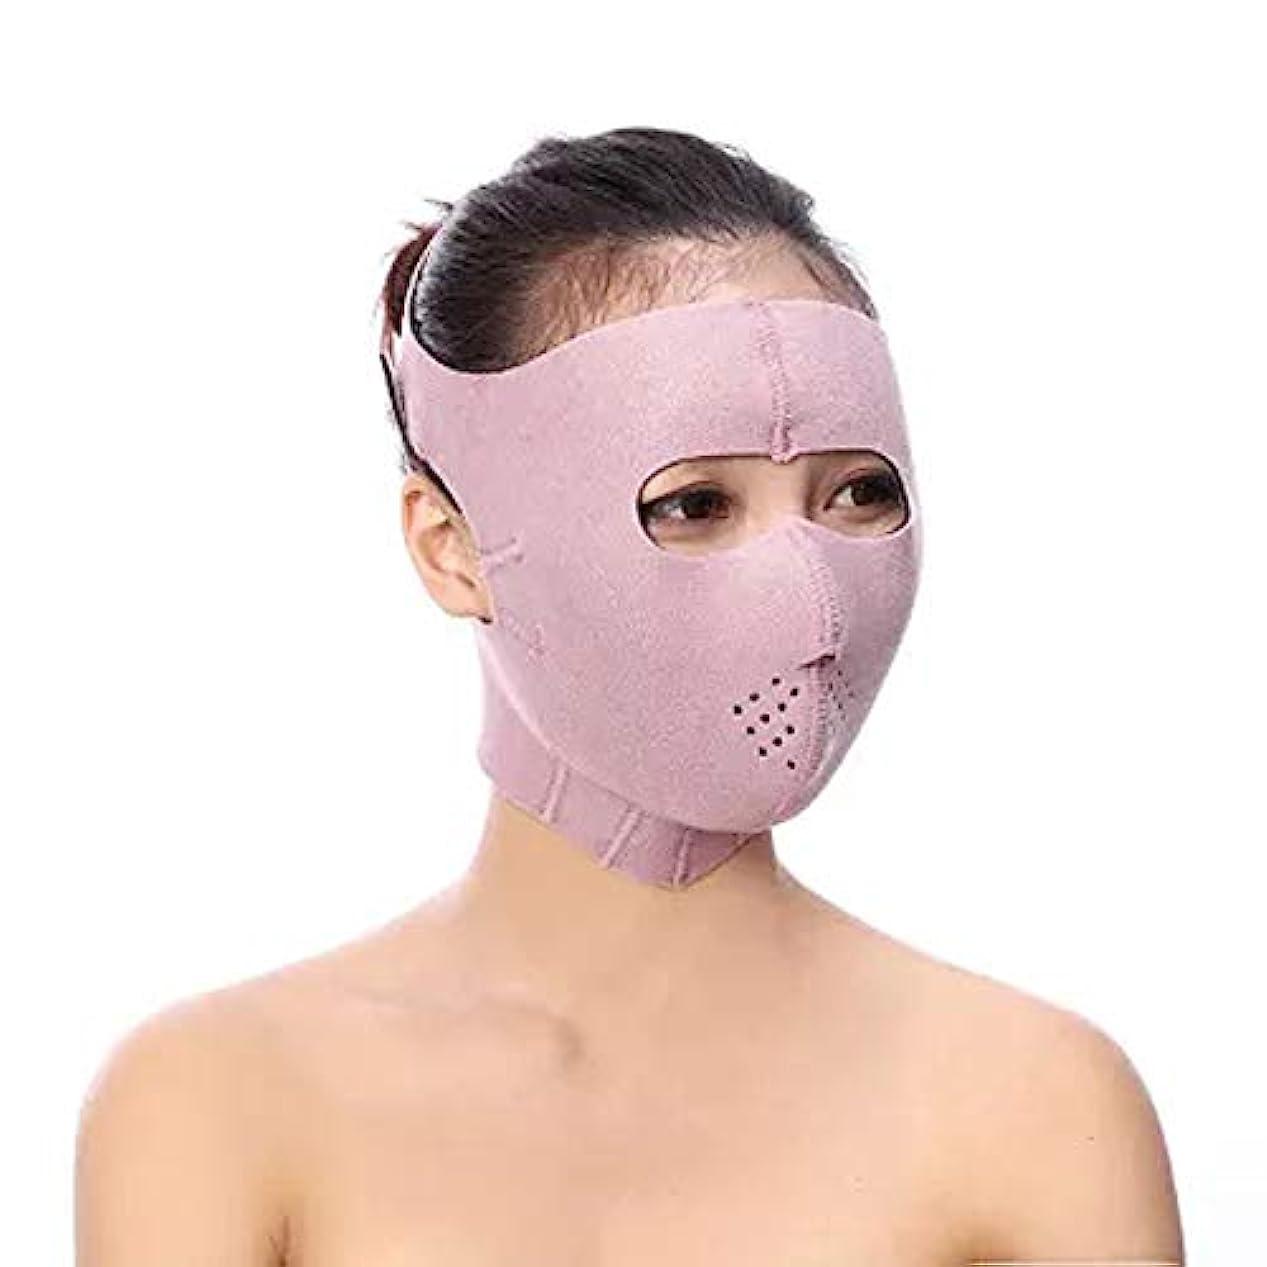 化粧君主制作曲する二重顎ベルト、フェイスリフトアーチファクトvフェイスバンデージリフティングパウチング防止シワマスク